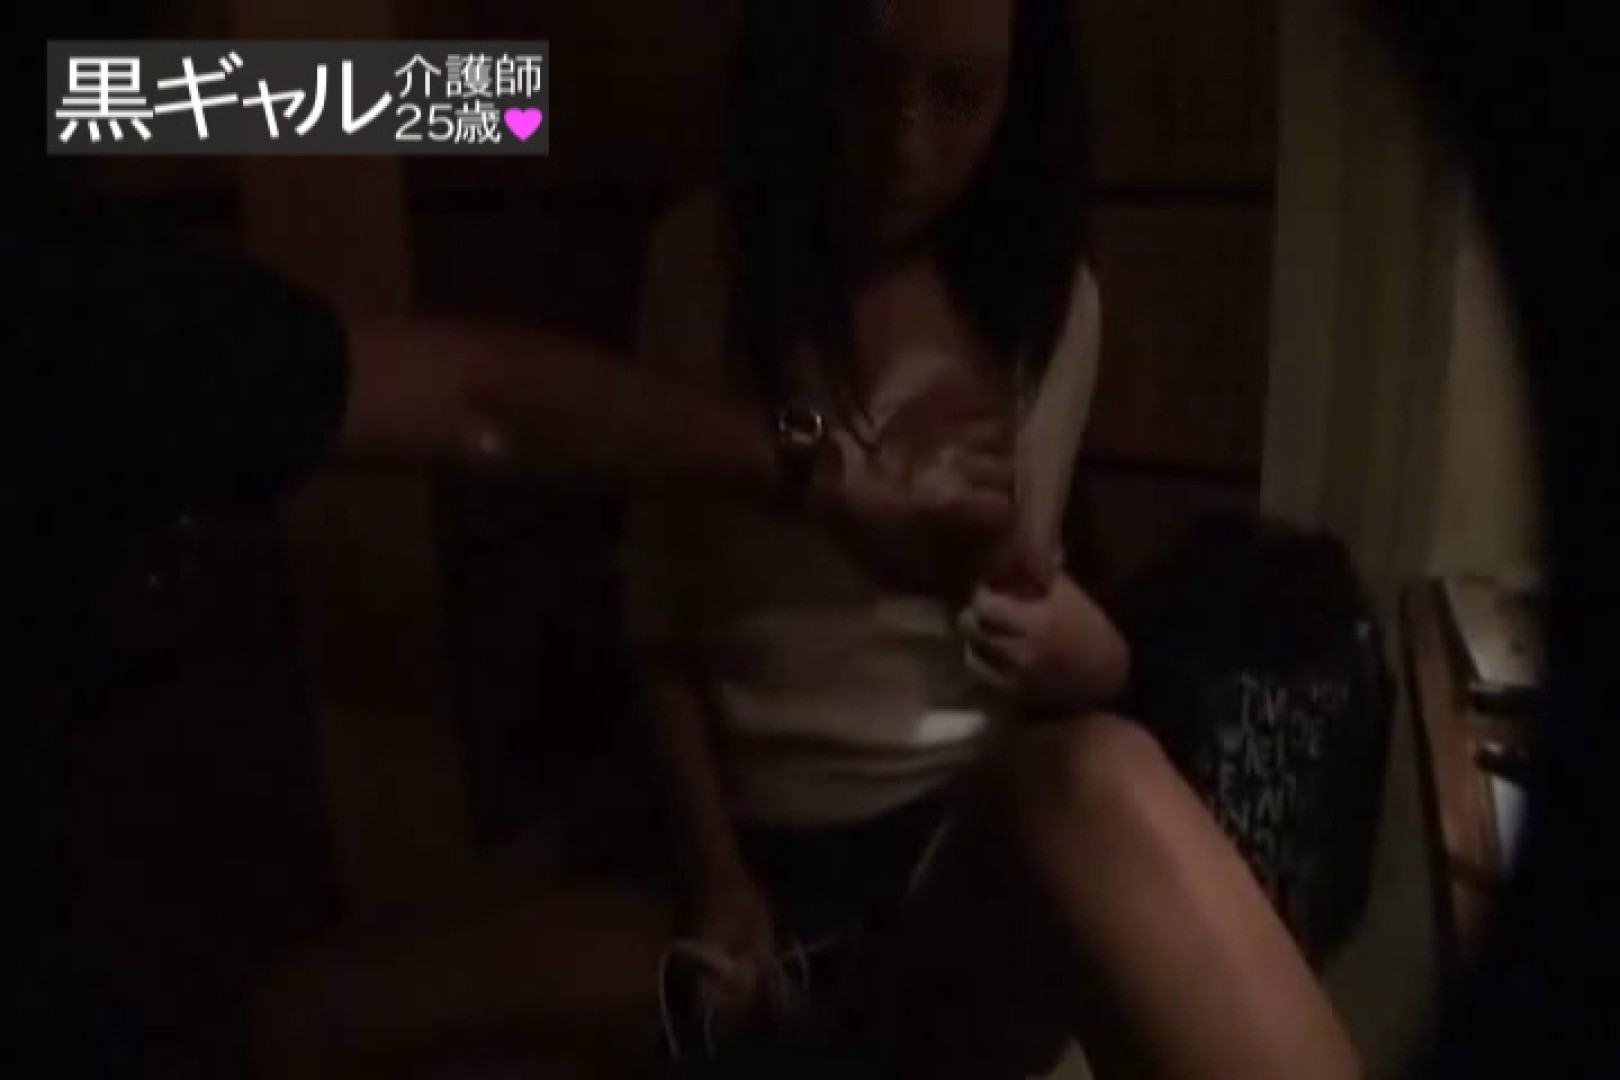 独占入手 従順M黒ギャル介護師25歳vol.3 ナンパ | 車  91連発 1